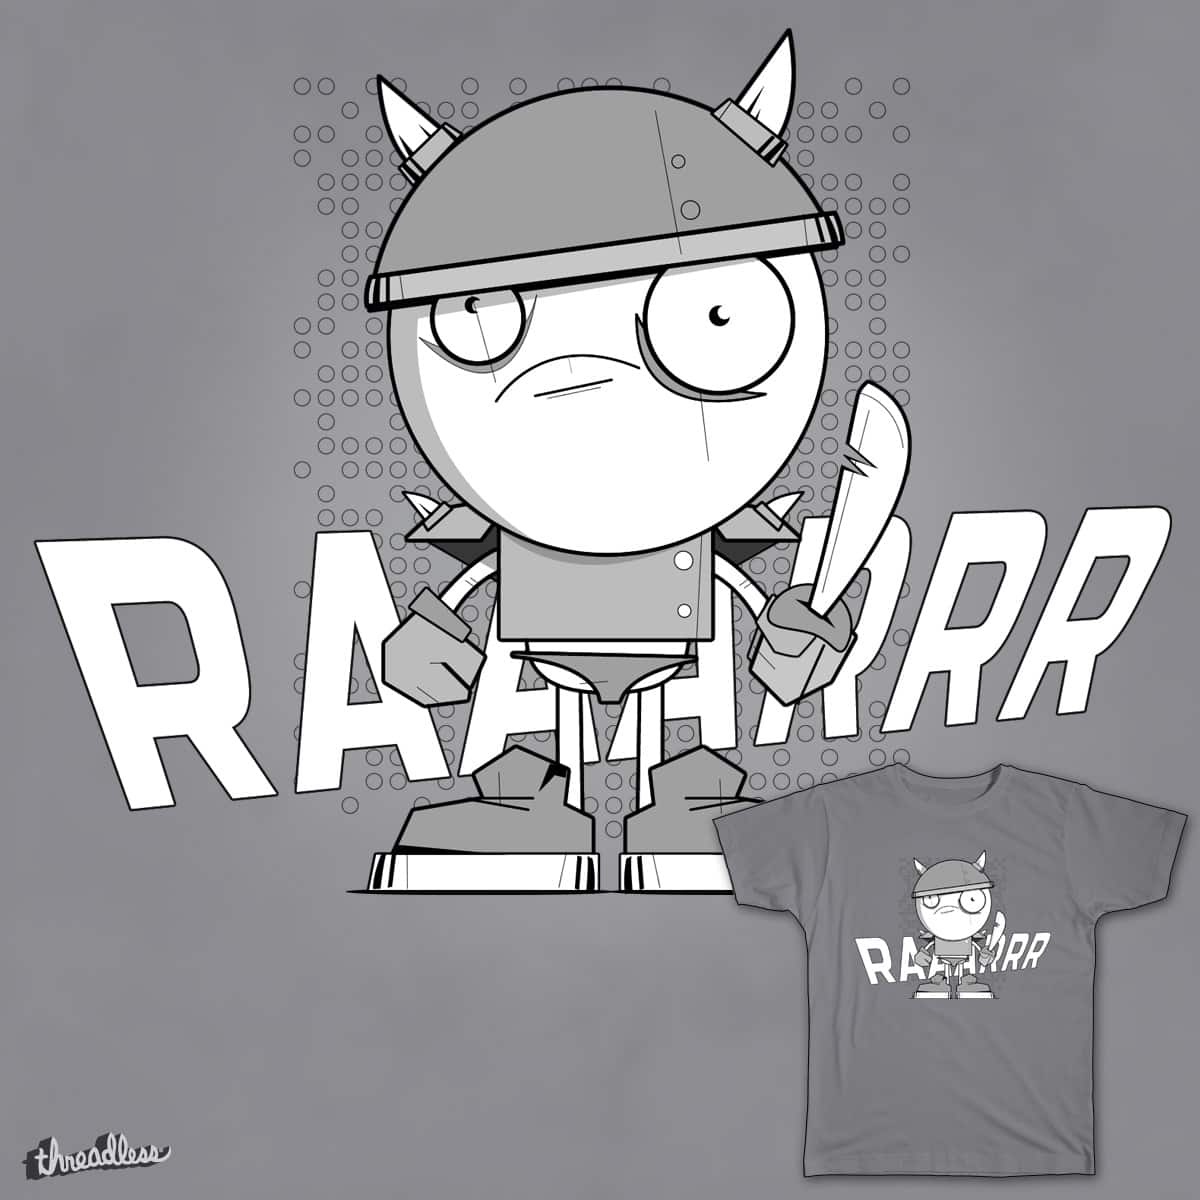 RAAARRR Warrior by DuncDunc on Threadless